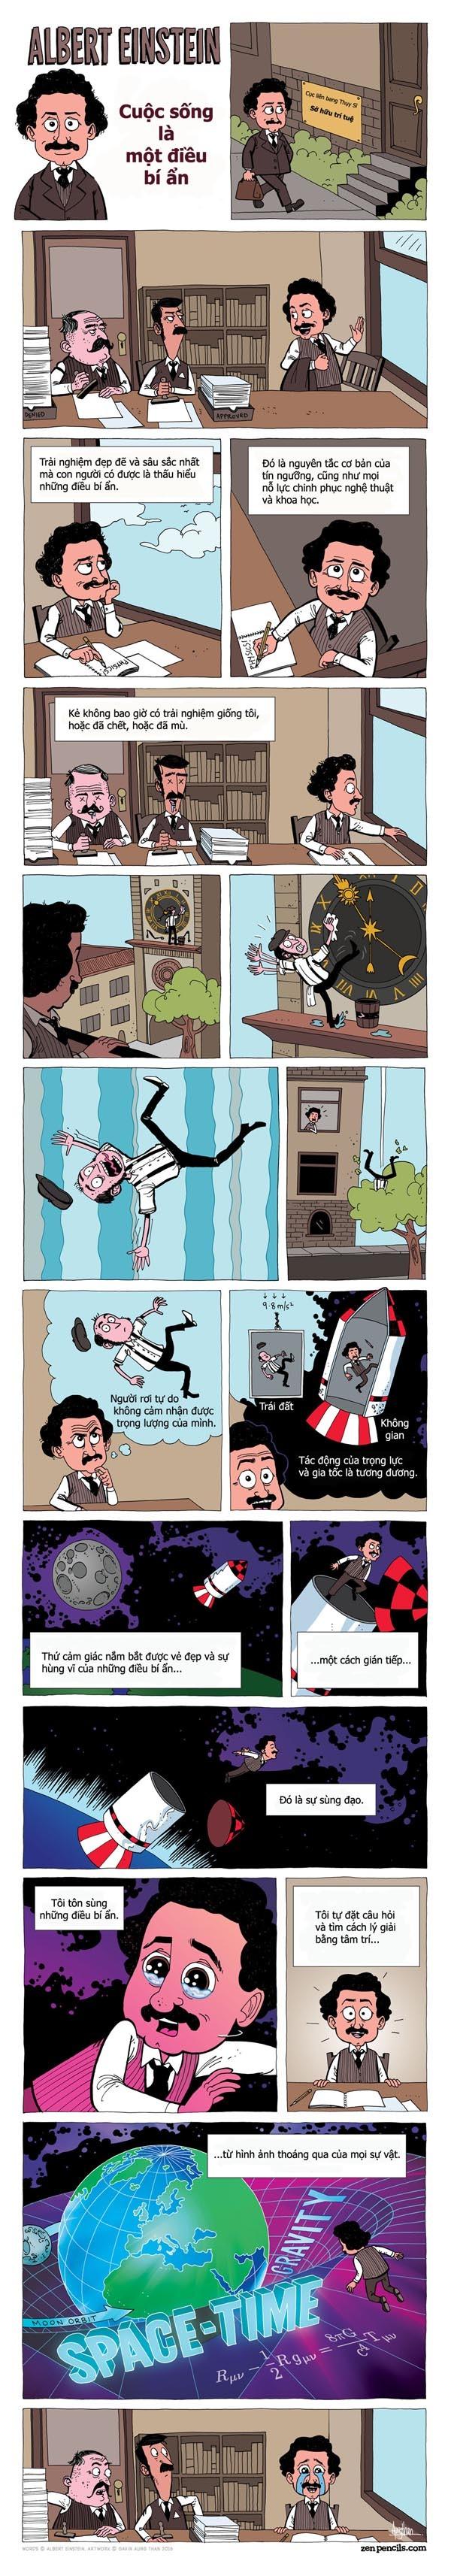 Albert Einstein thành thiên tài nhờ đam mê những điều bí ẩn - ảnh 1